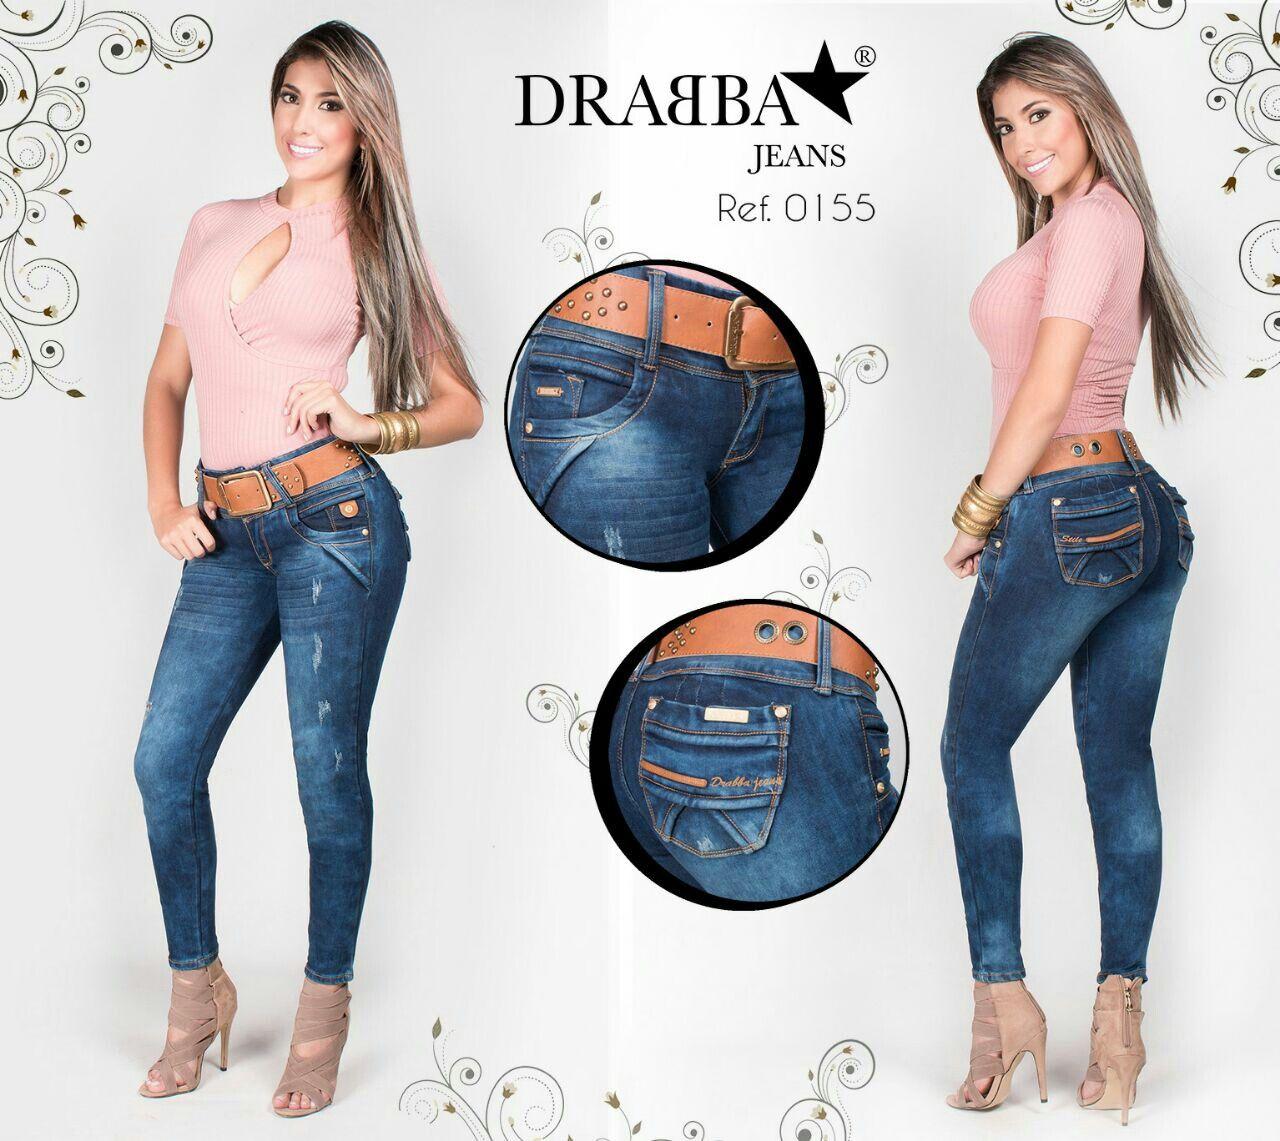 Lo Mas Nuevo En Jeans Colombiano Original Levanta Cola Marca Drabba Entregamos A Domicilio A Cualquier Ciudad De Mexico Sol Jeans Colombianos Jeans Pantalones